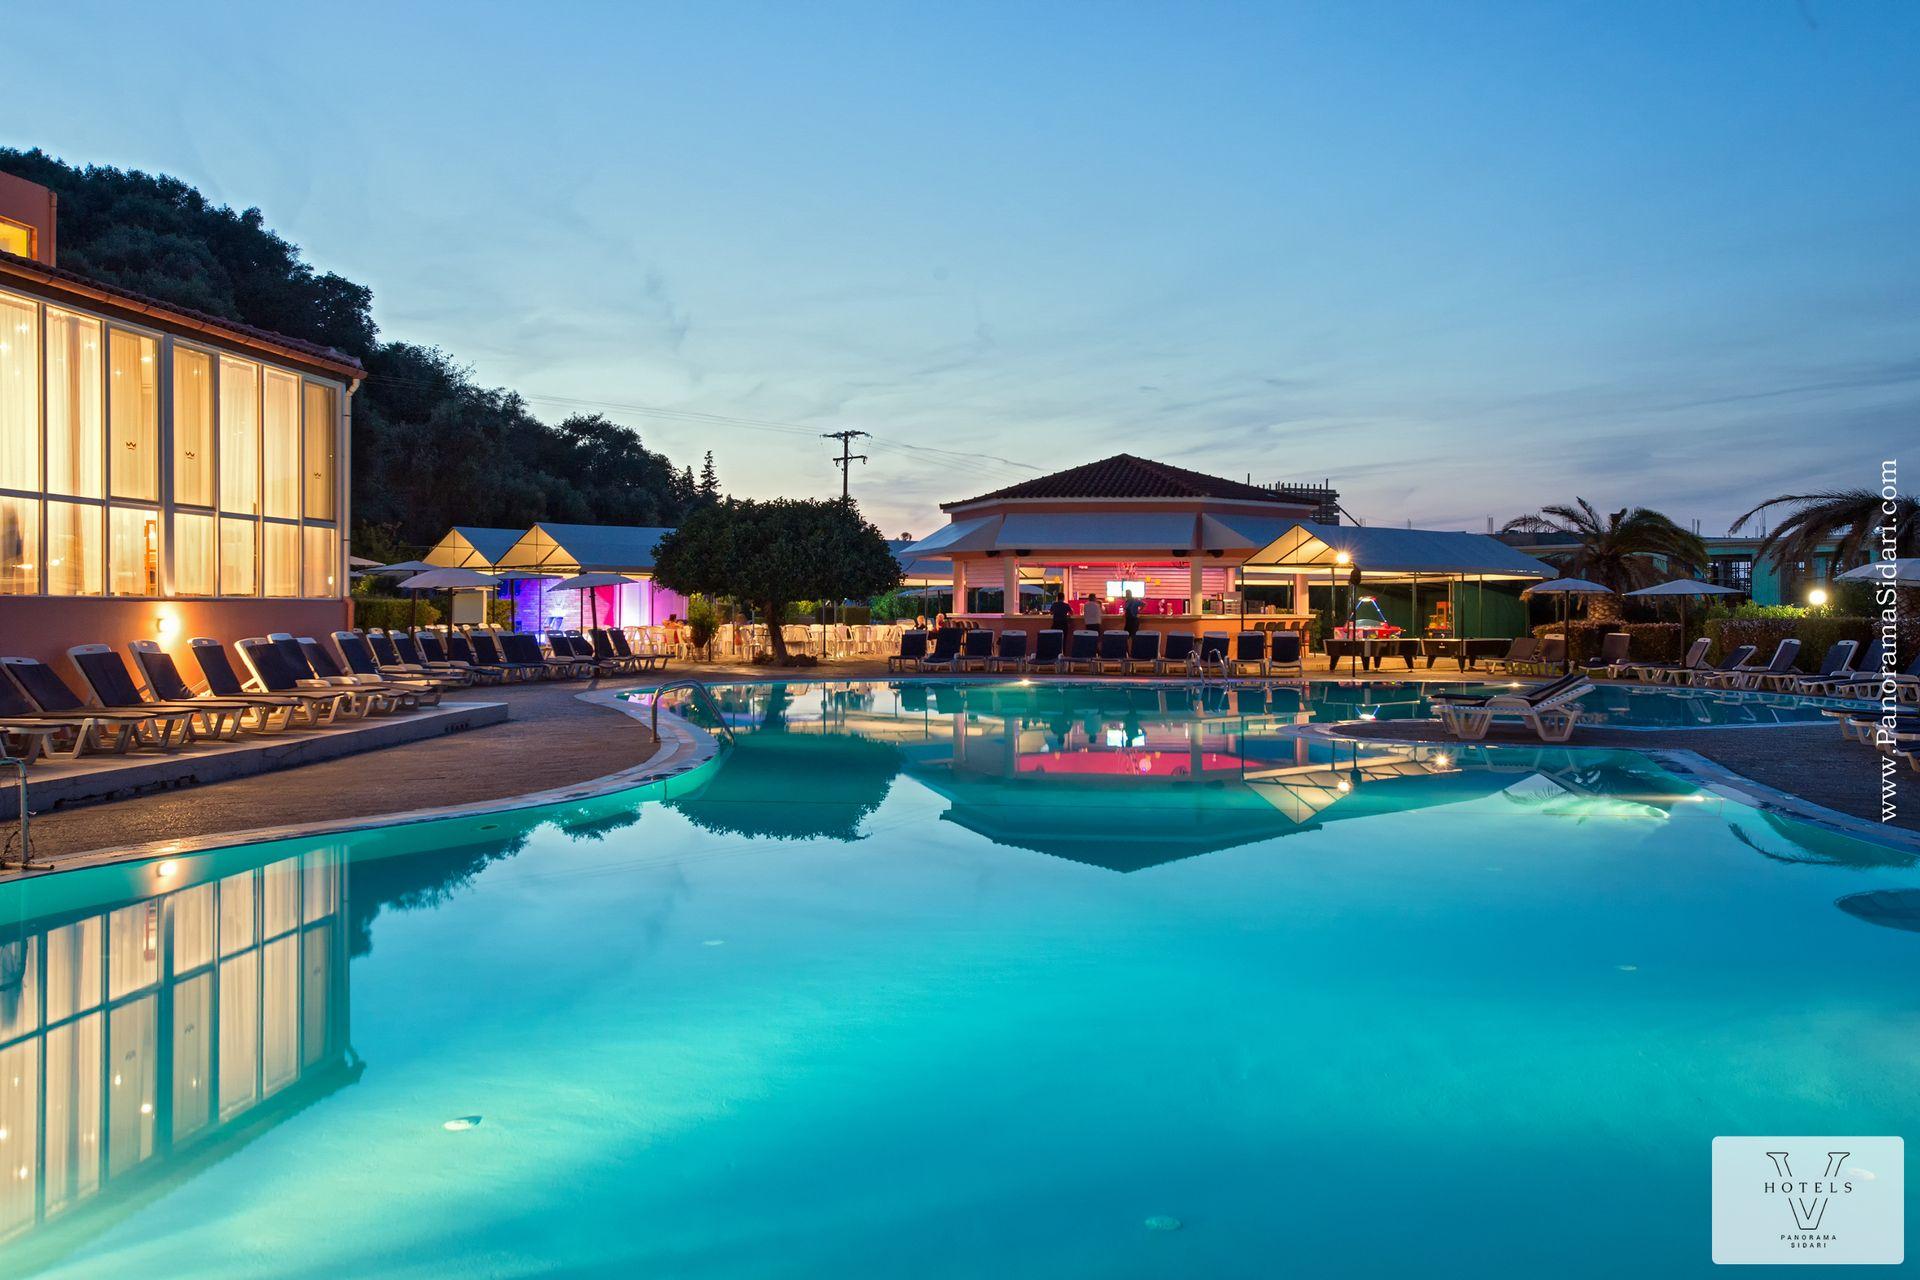 Hotel Sidari Panorama Resort - Κέρκυρα ✦ 4 Ημέρες (3